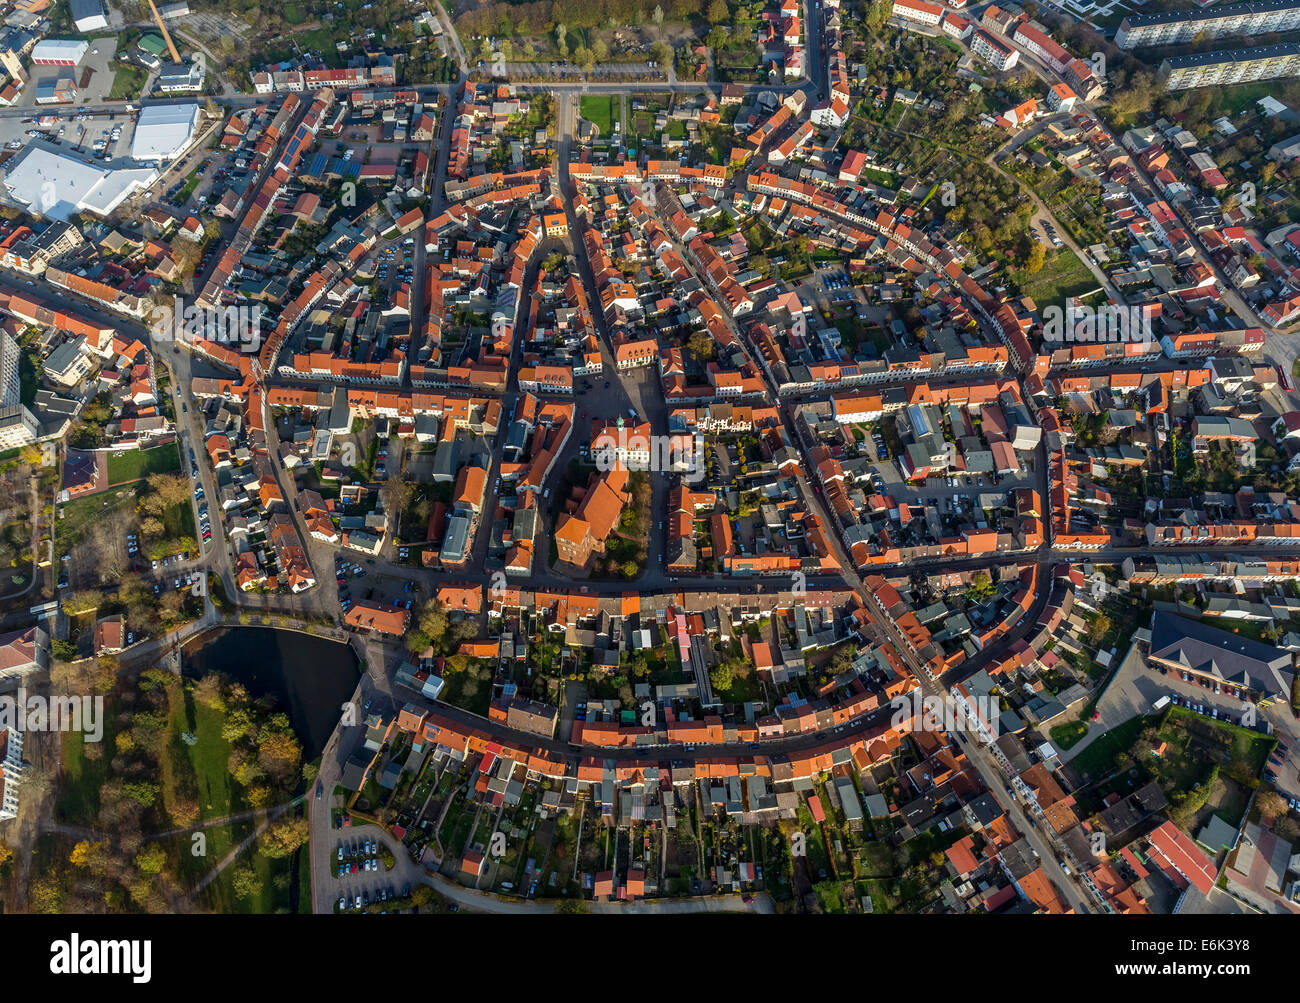 Vue aérienne, ville avec une disposition circulaire, Teterow, Mecklembourg-Poméranie-Occidentale, Allemagne Photo Stock